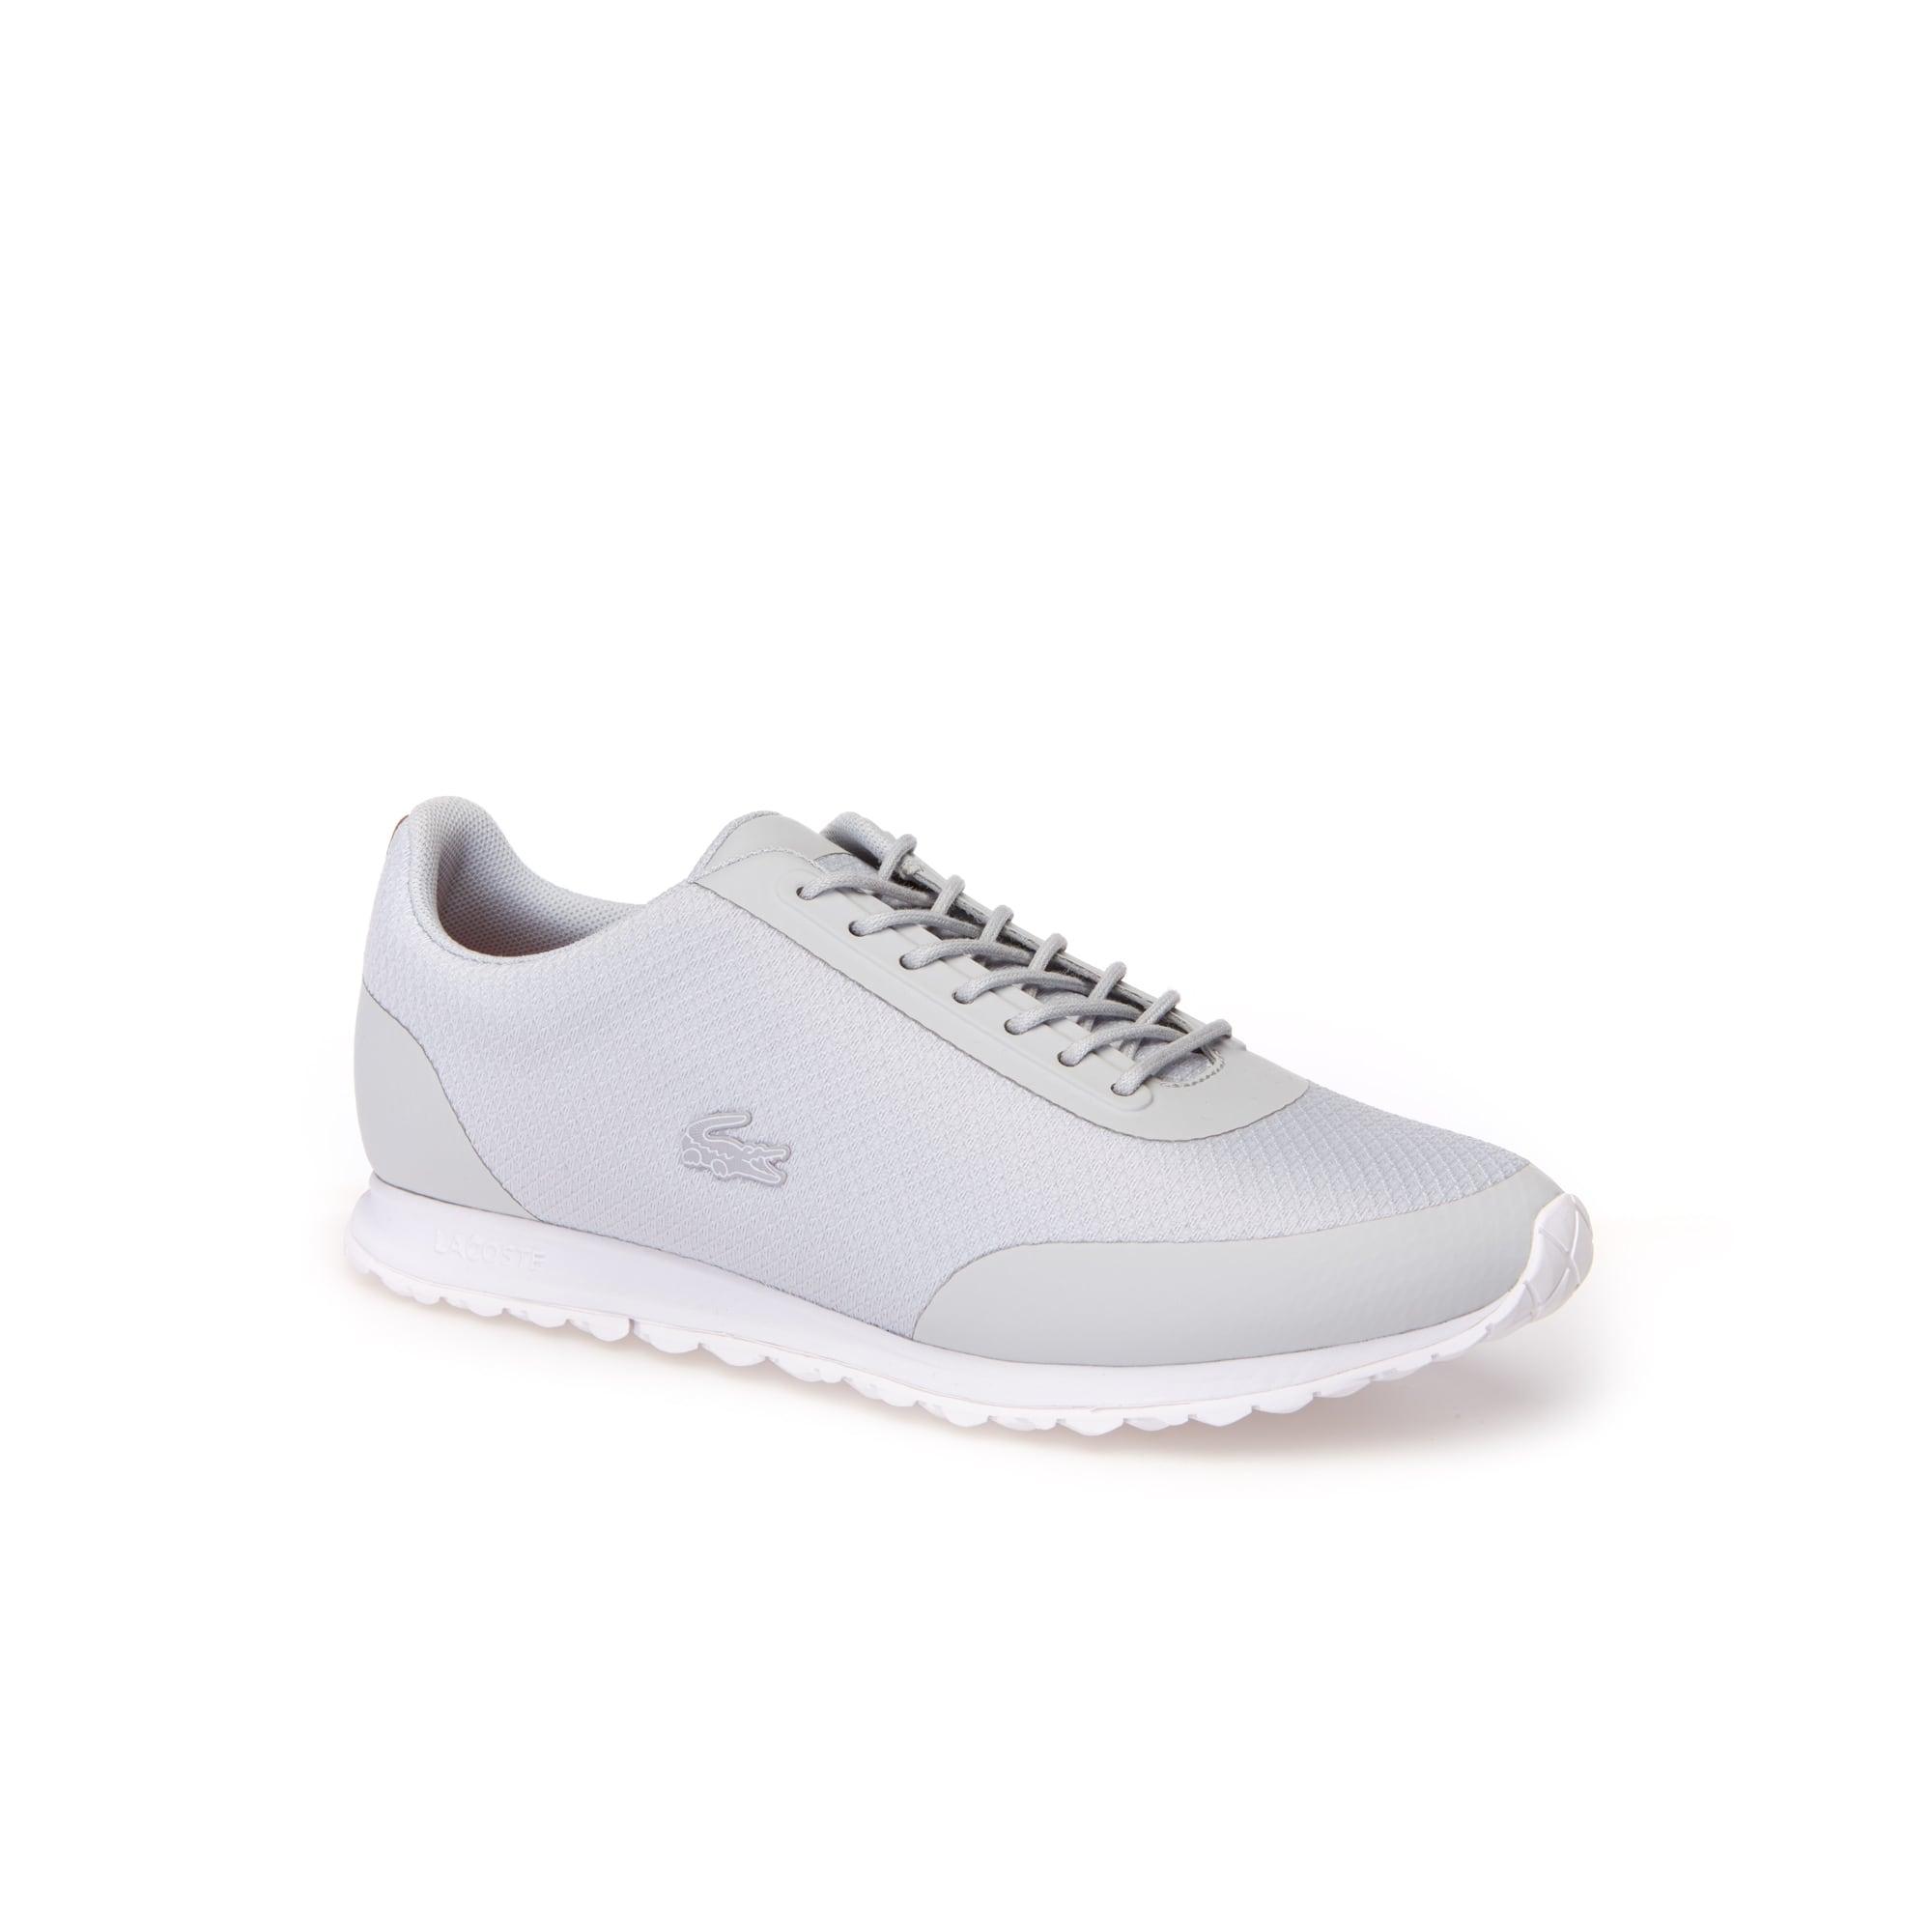 Damen-Sneakers HELAINE RUNNER aus Textil